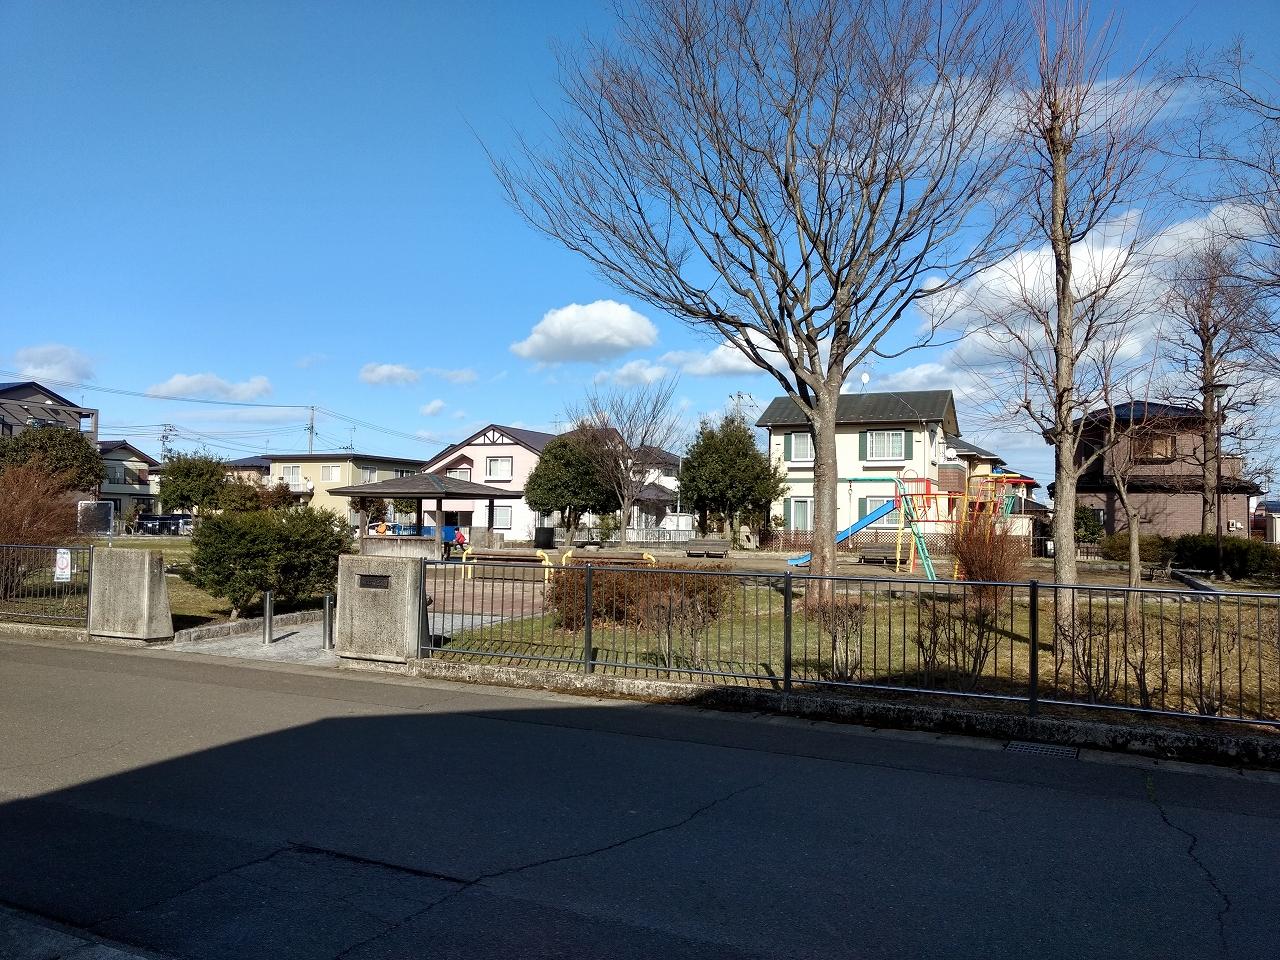 ホームの真ん前 に公園。